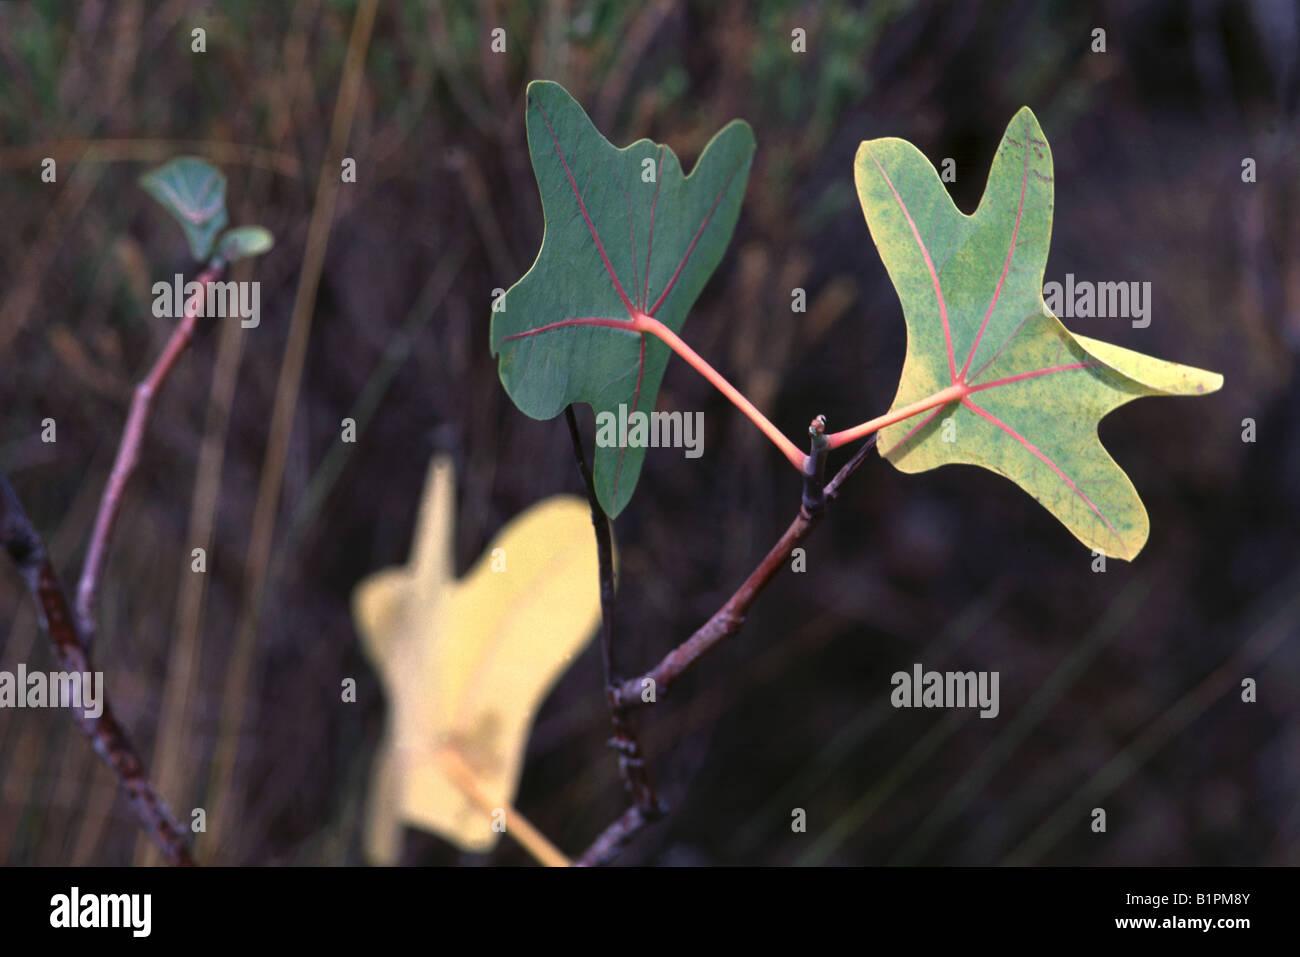 Plants - Stock Image